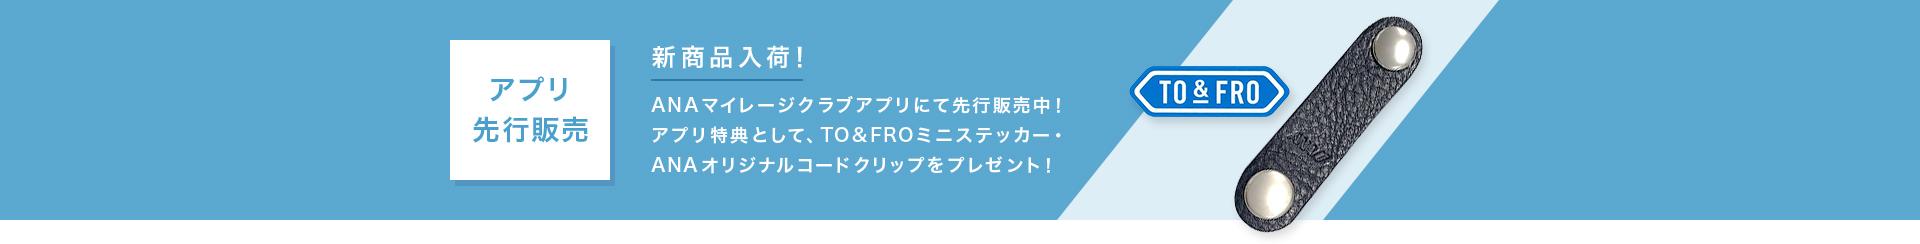 アプリ先行販売 新商品入荷! ANAマイレージクラブアプリにて先行販売中!アプリ特典として、TO&FROミニステッカー・ANAオリジナルコードクリップをプレゼント!